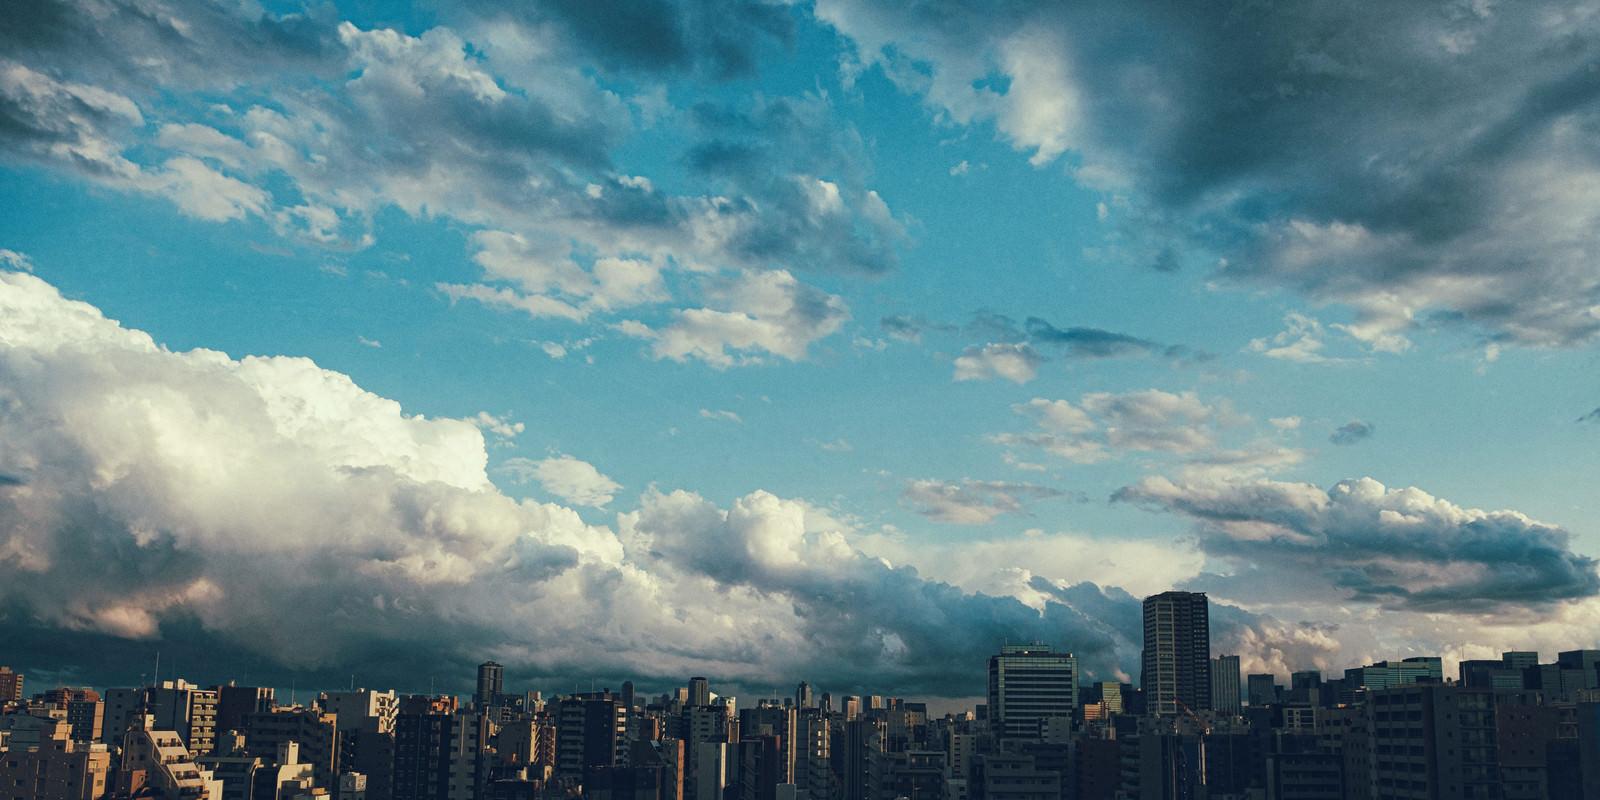 「上空に晴れ間と雨雲の街並み」の写真